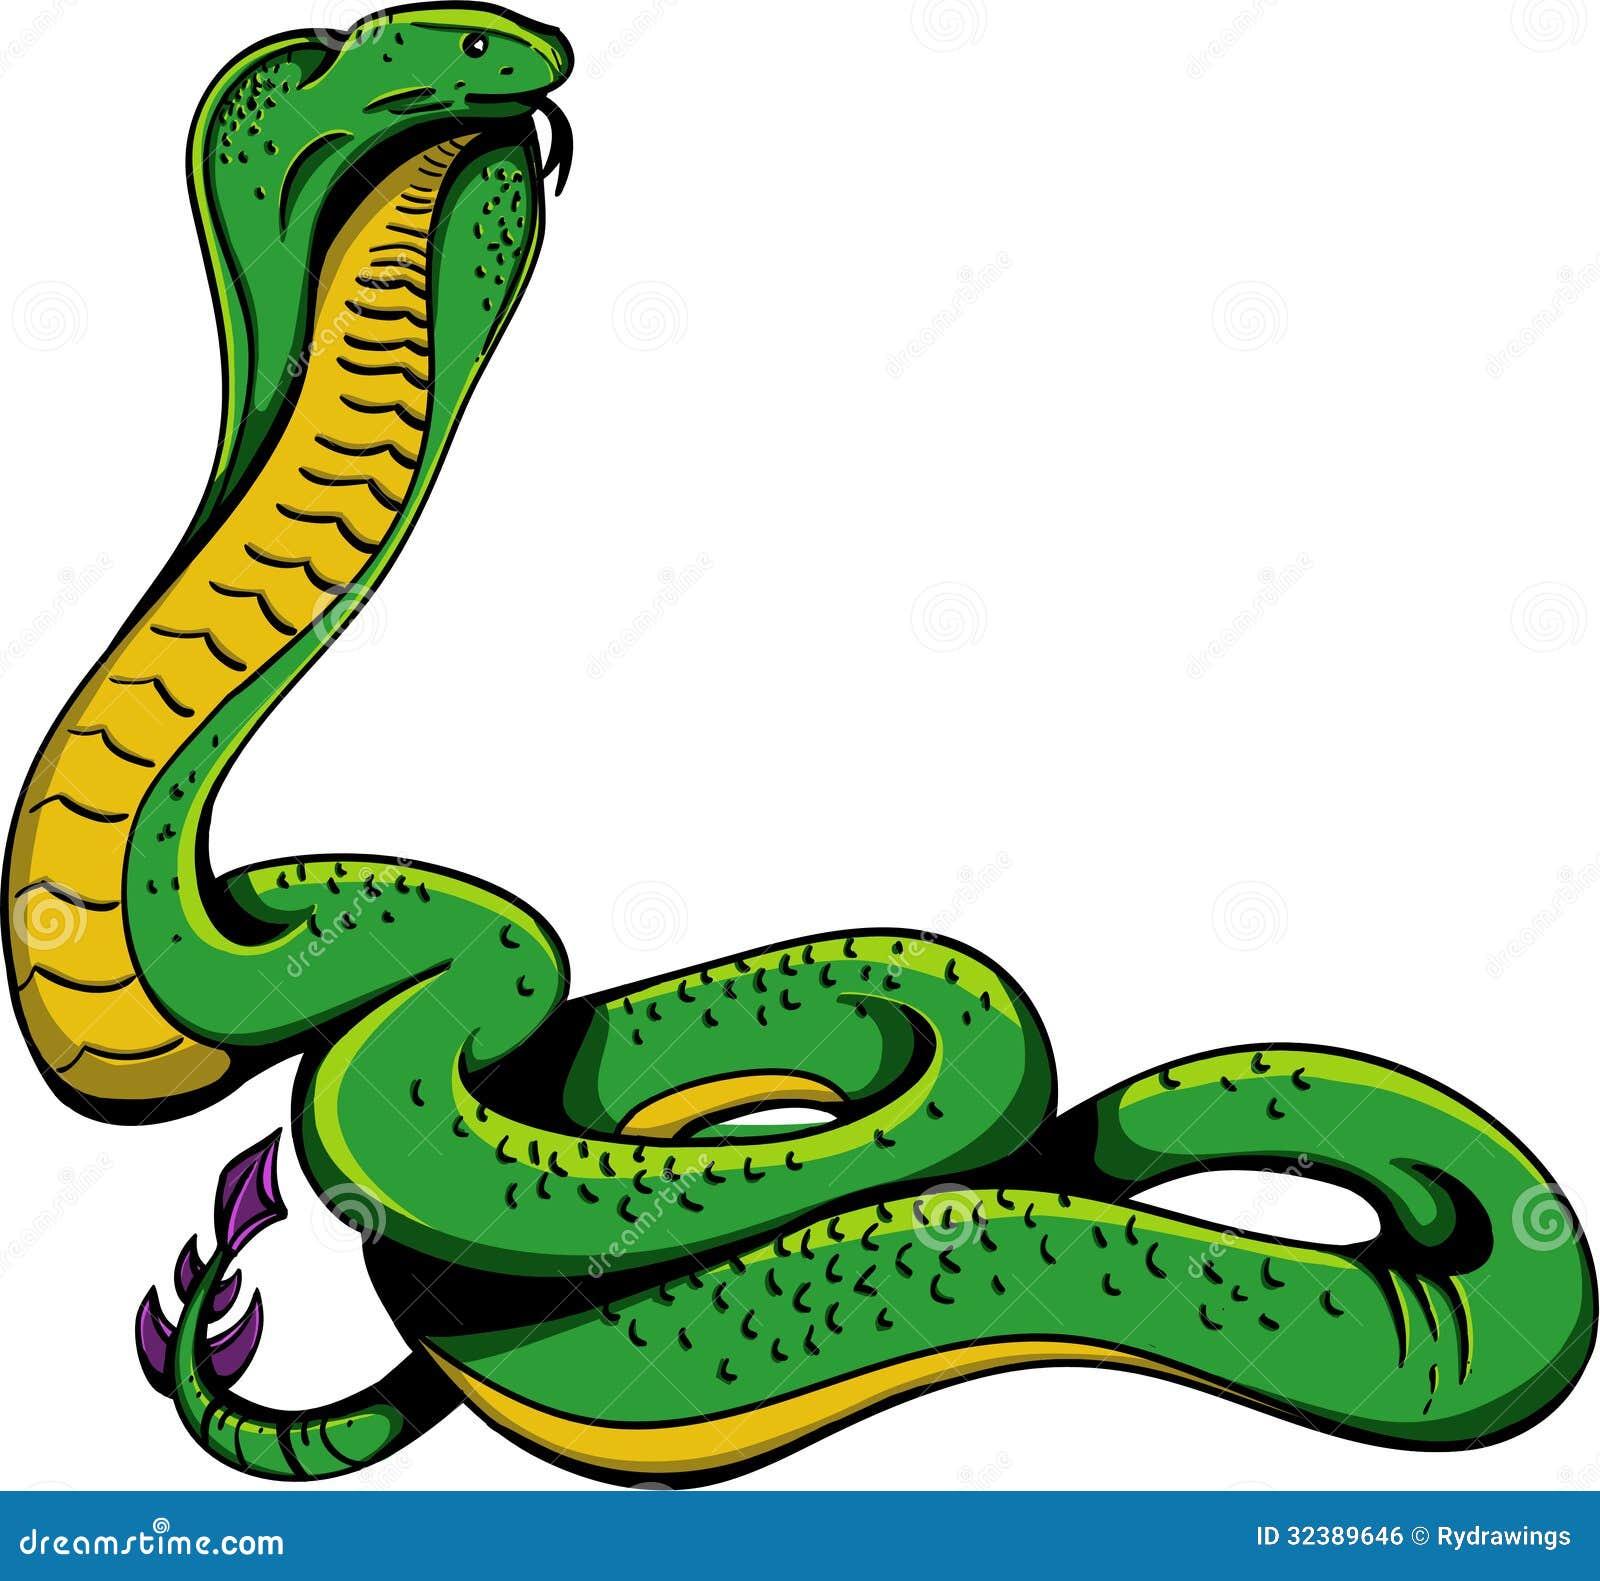 Cobra Snake stock illustration. Illustration of character ...